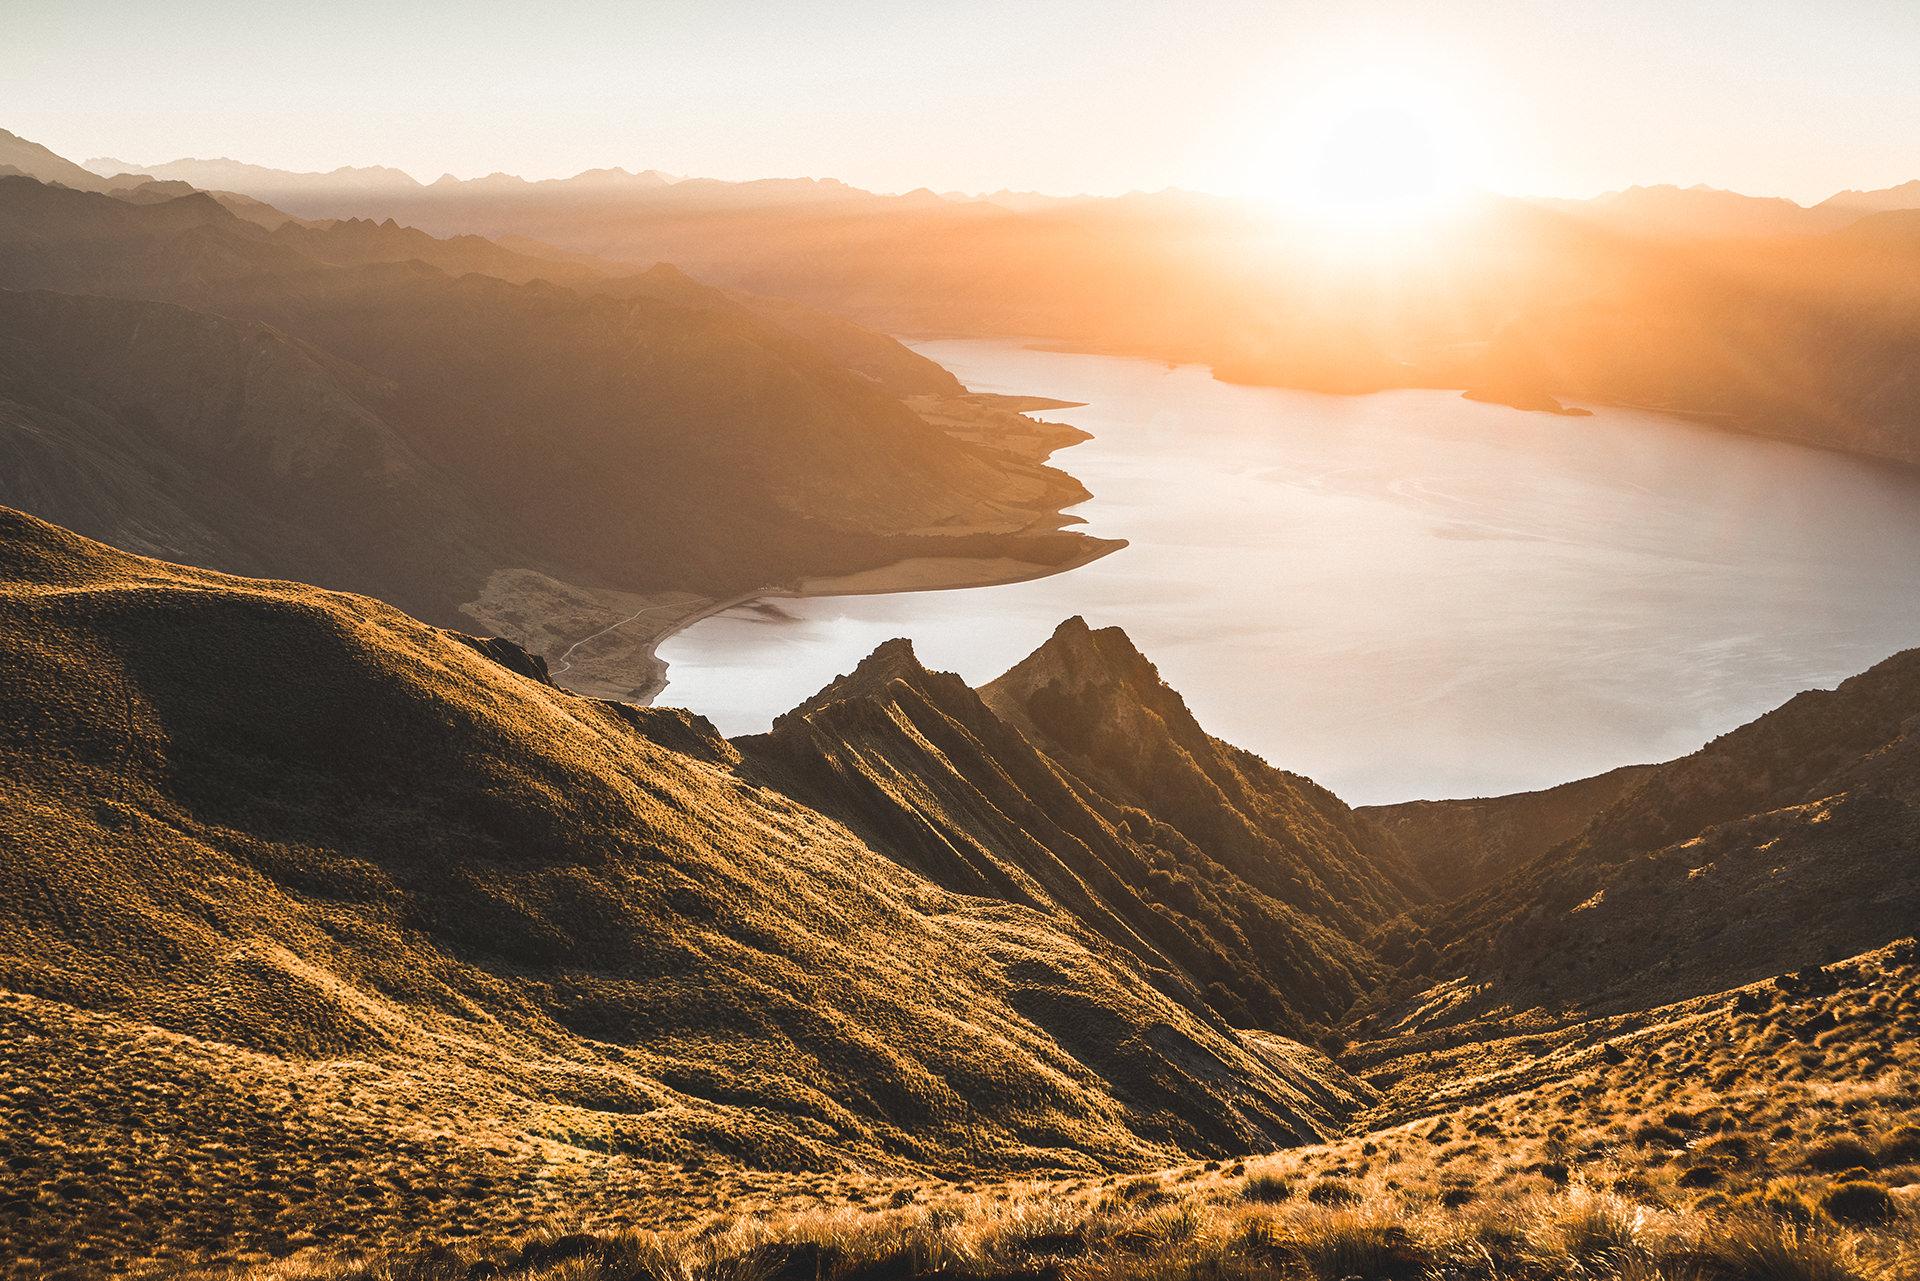 sonnenuntergang-berge-meer-neuseeland